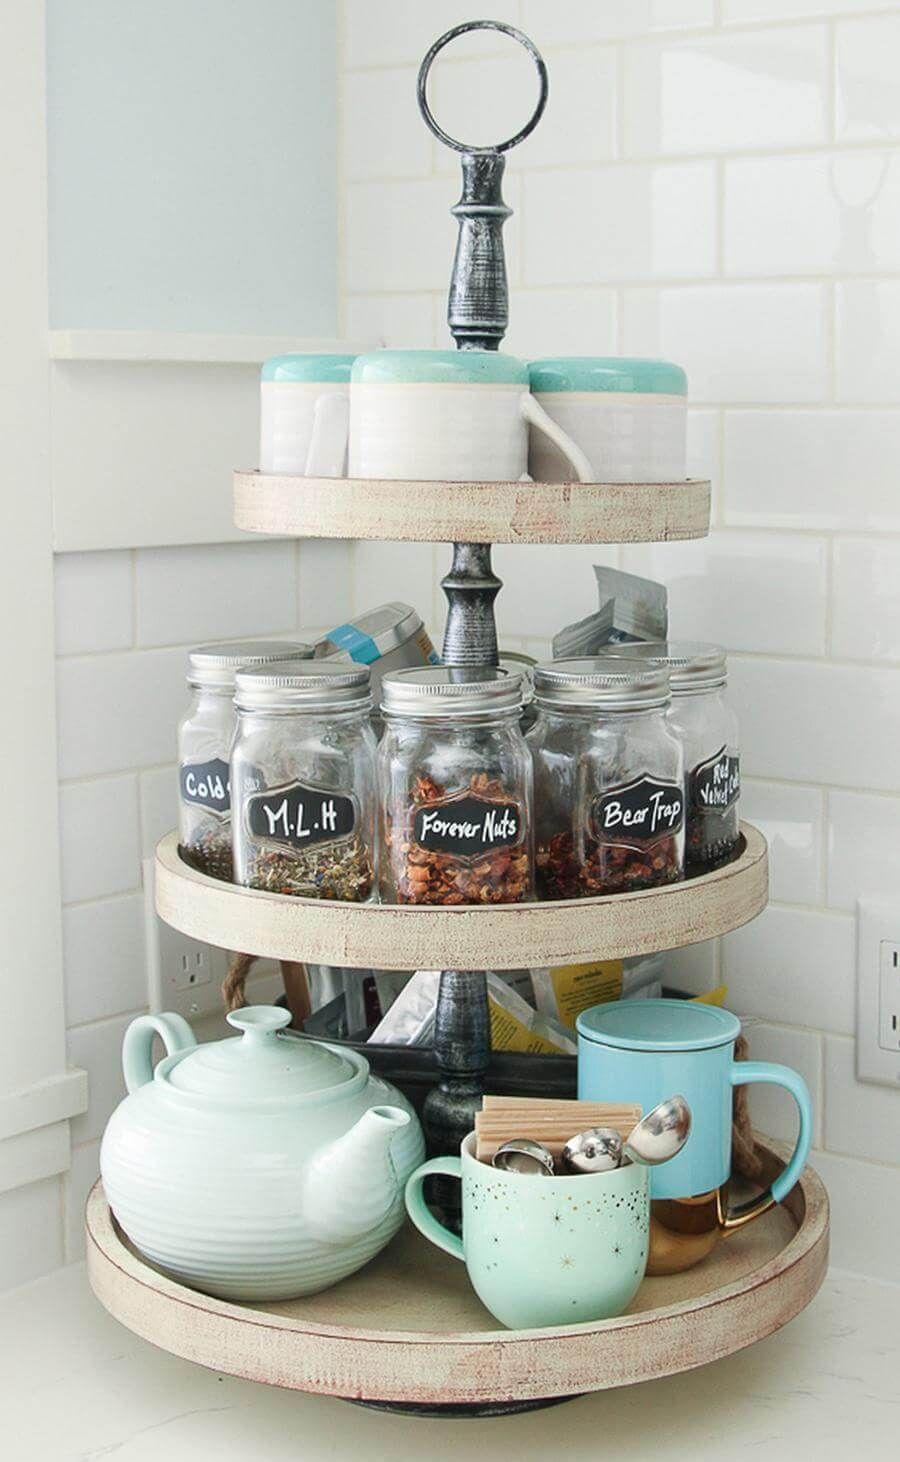 34 Vintage Kitchen Design und Dekor Ideen, die den Test der Zeit bestehen - Dekoration ideen #retroideas